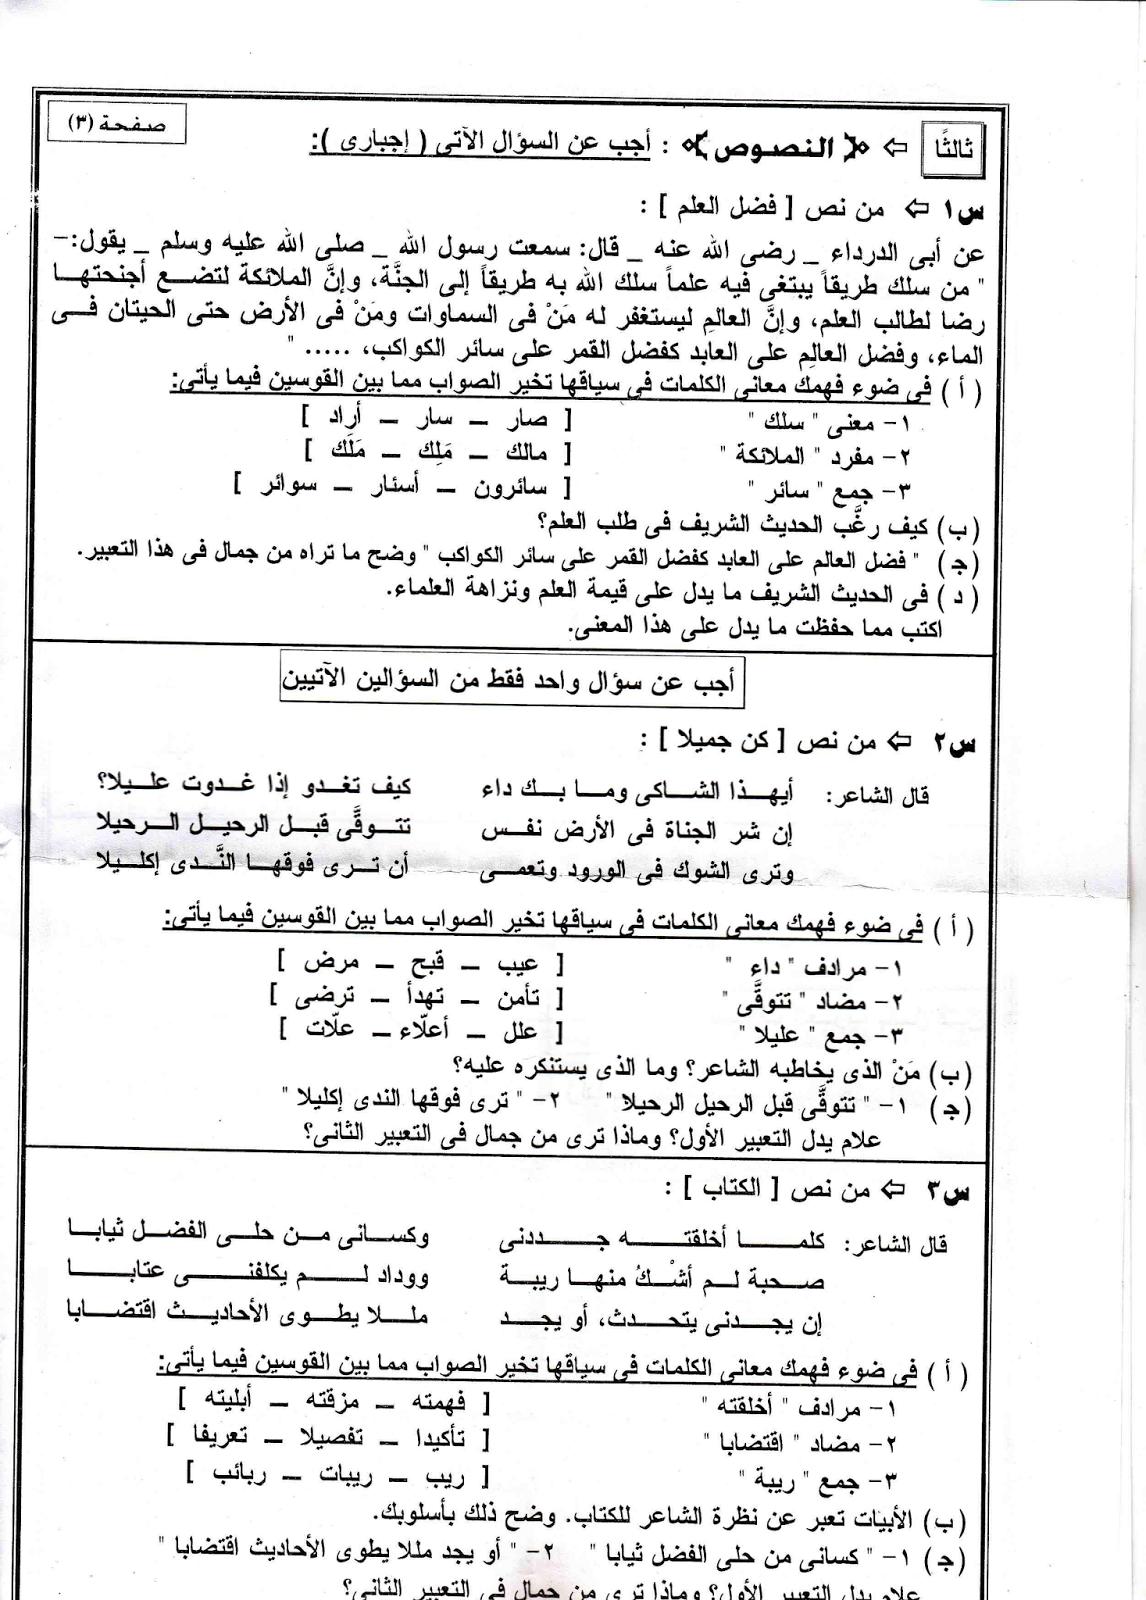 لامتحان نصف العام 2015_امتحان لغة عربية 3 اعدادى الجيزة 2015 %D9%84%D8%BA%D8%A9%2B%D8%B9%D8%B1%D8%A8%D9%8A%D8%A9%2B%D8%AC%D9%8A%D8%B2%D8%A9%2B2014_003